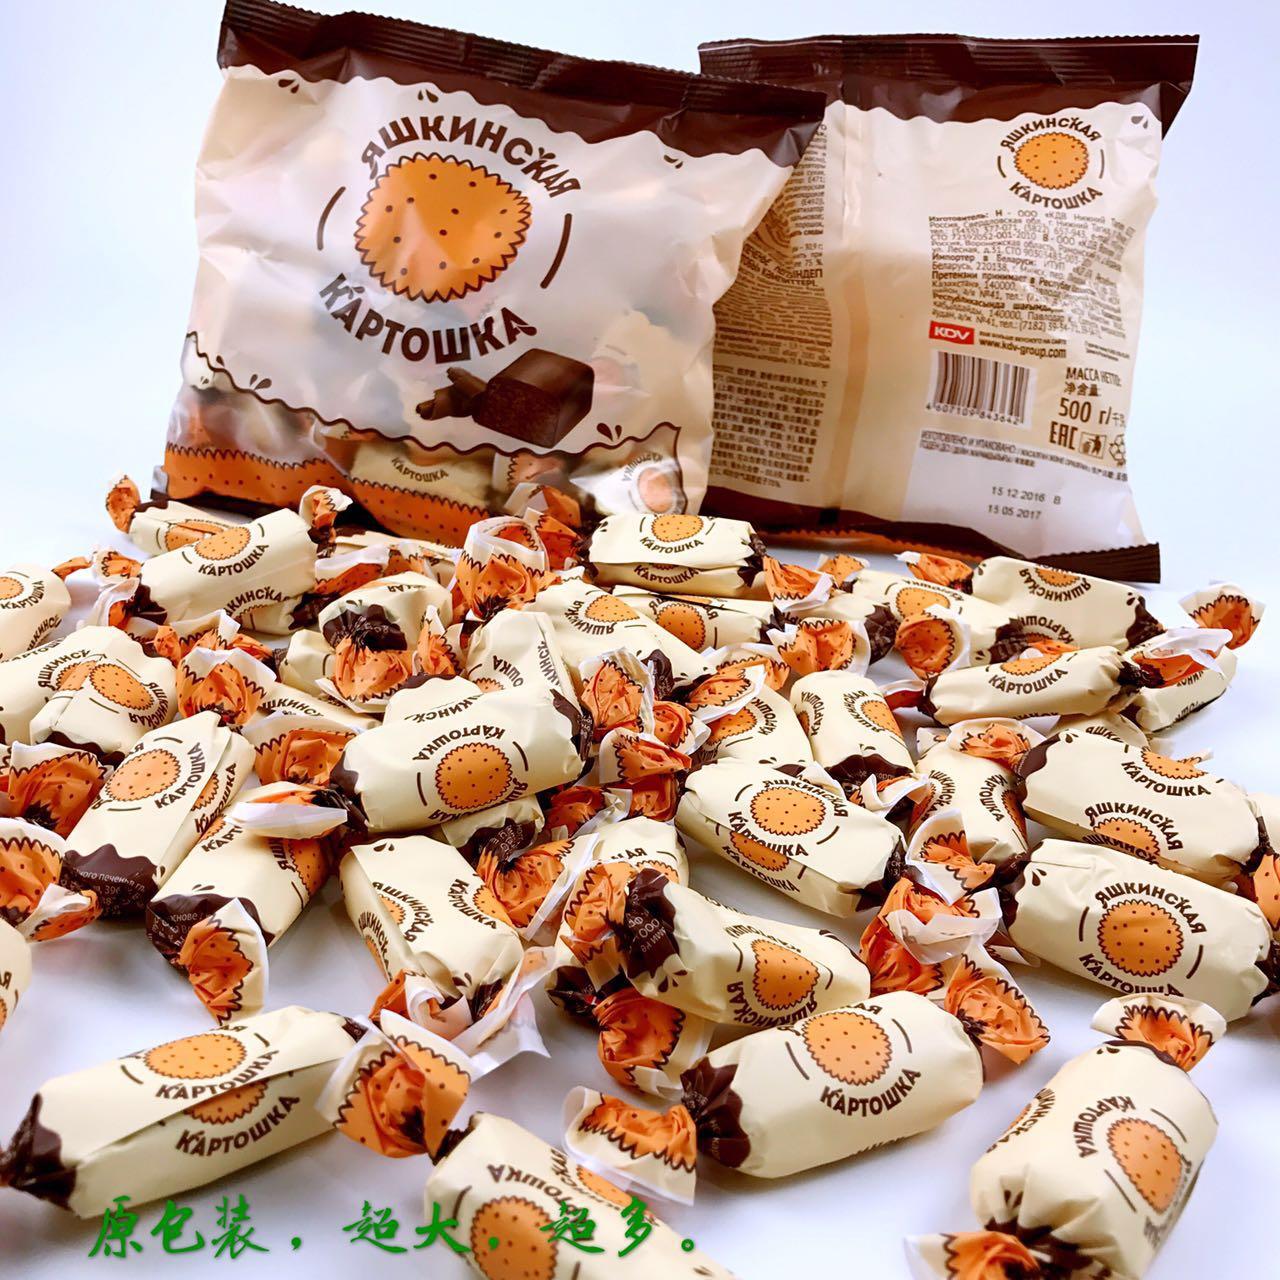 俄罗斯糖果巧克力进口土豆泥糖松露巧克力原包装喜糖果